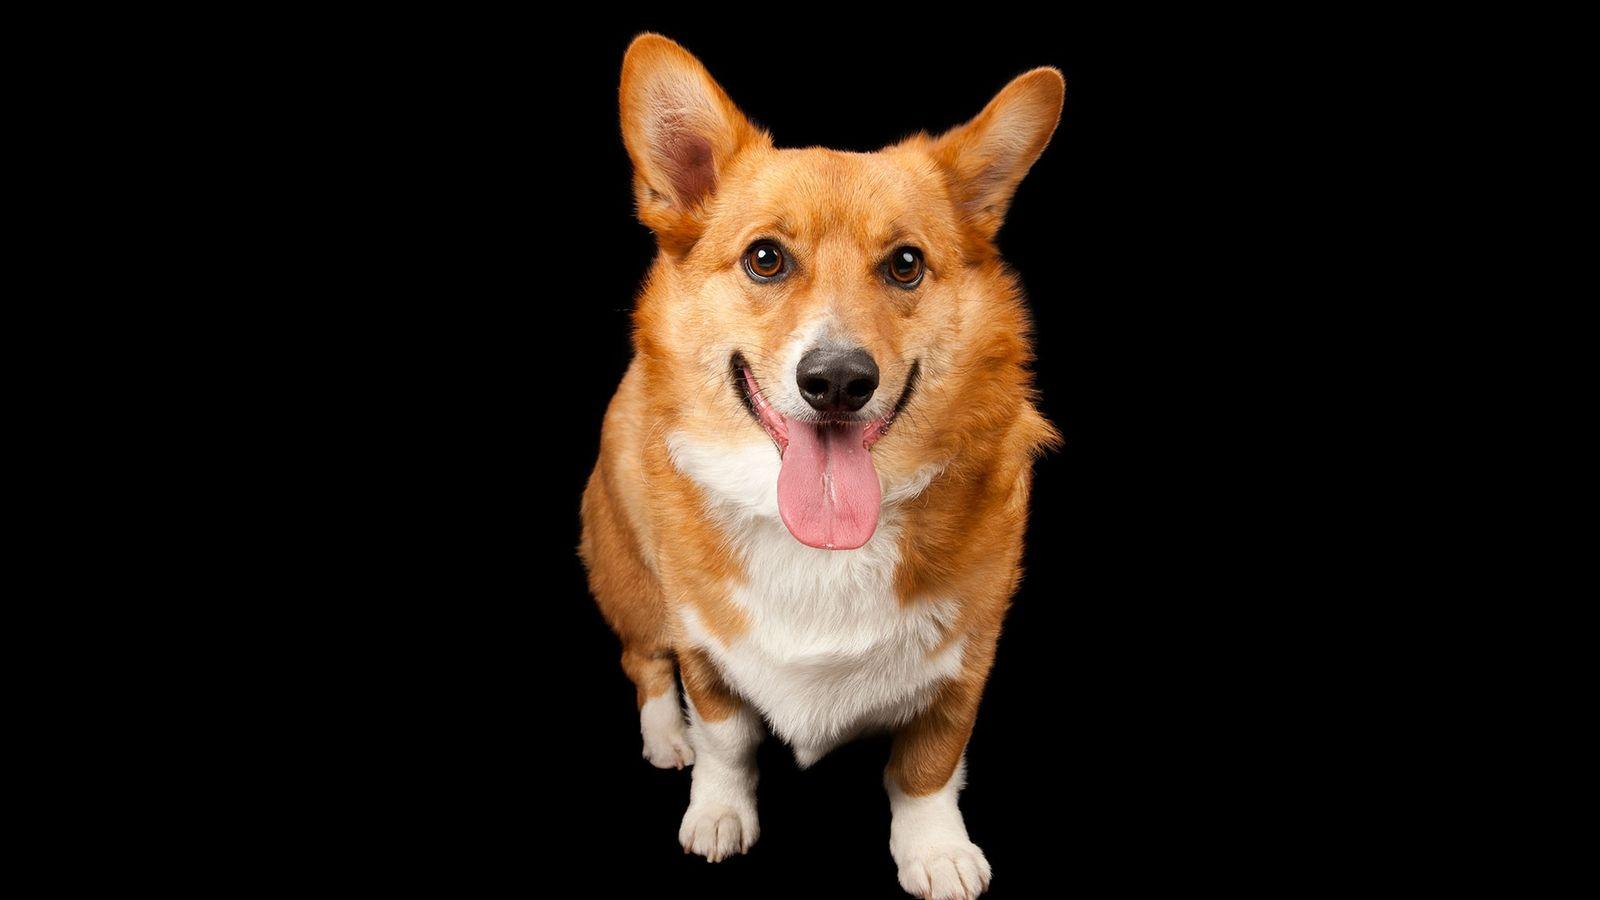 Retrato realizado en un estudio de un perro corgi llamado Rusty.